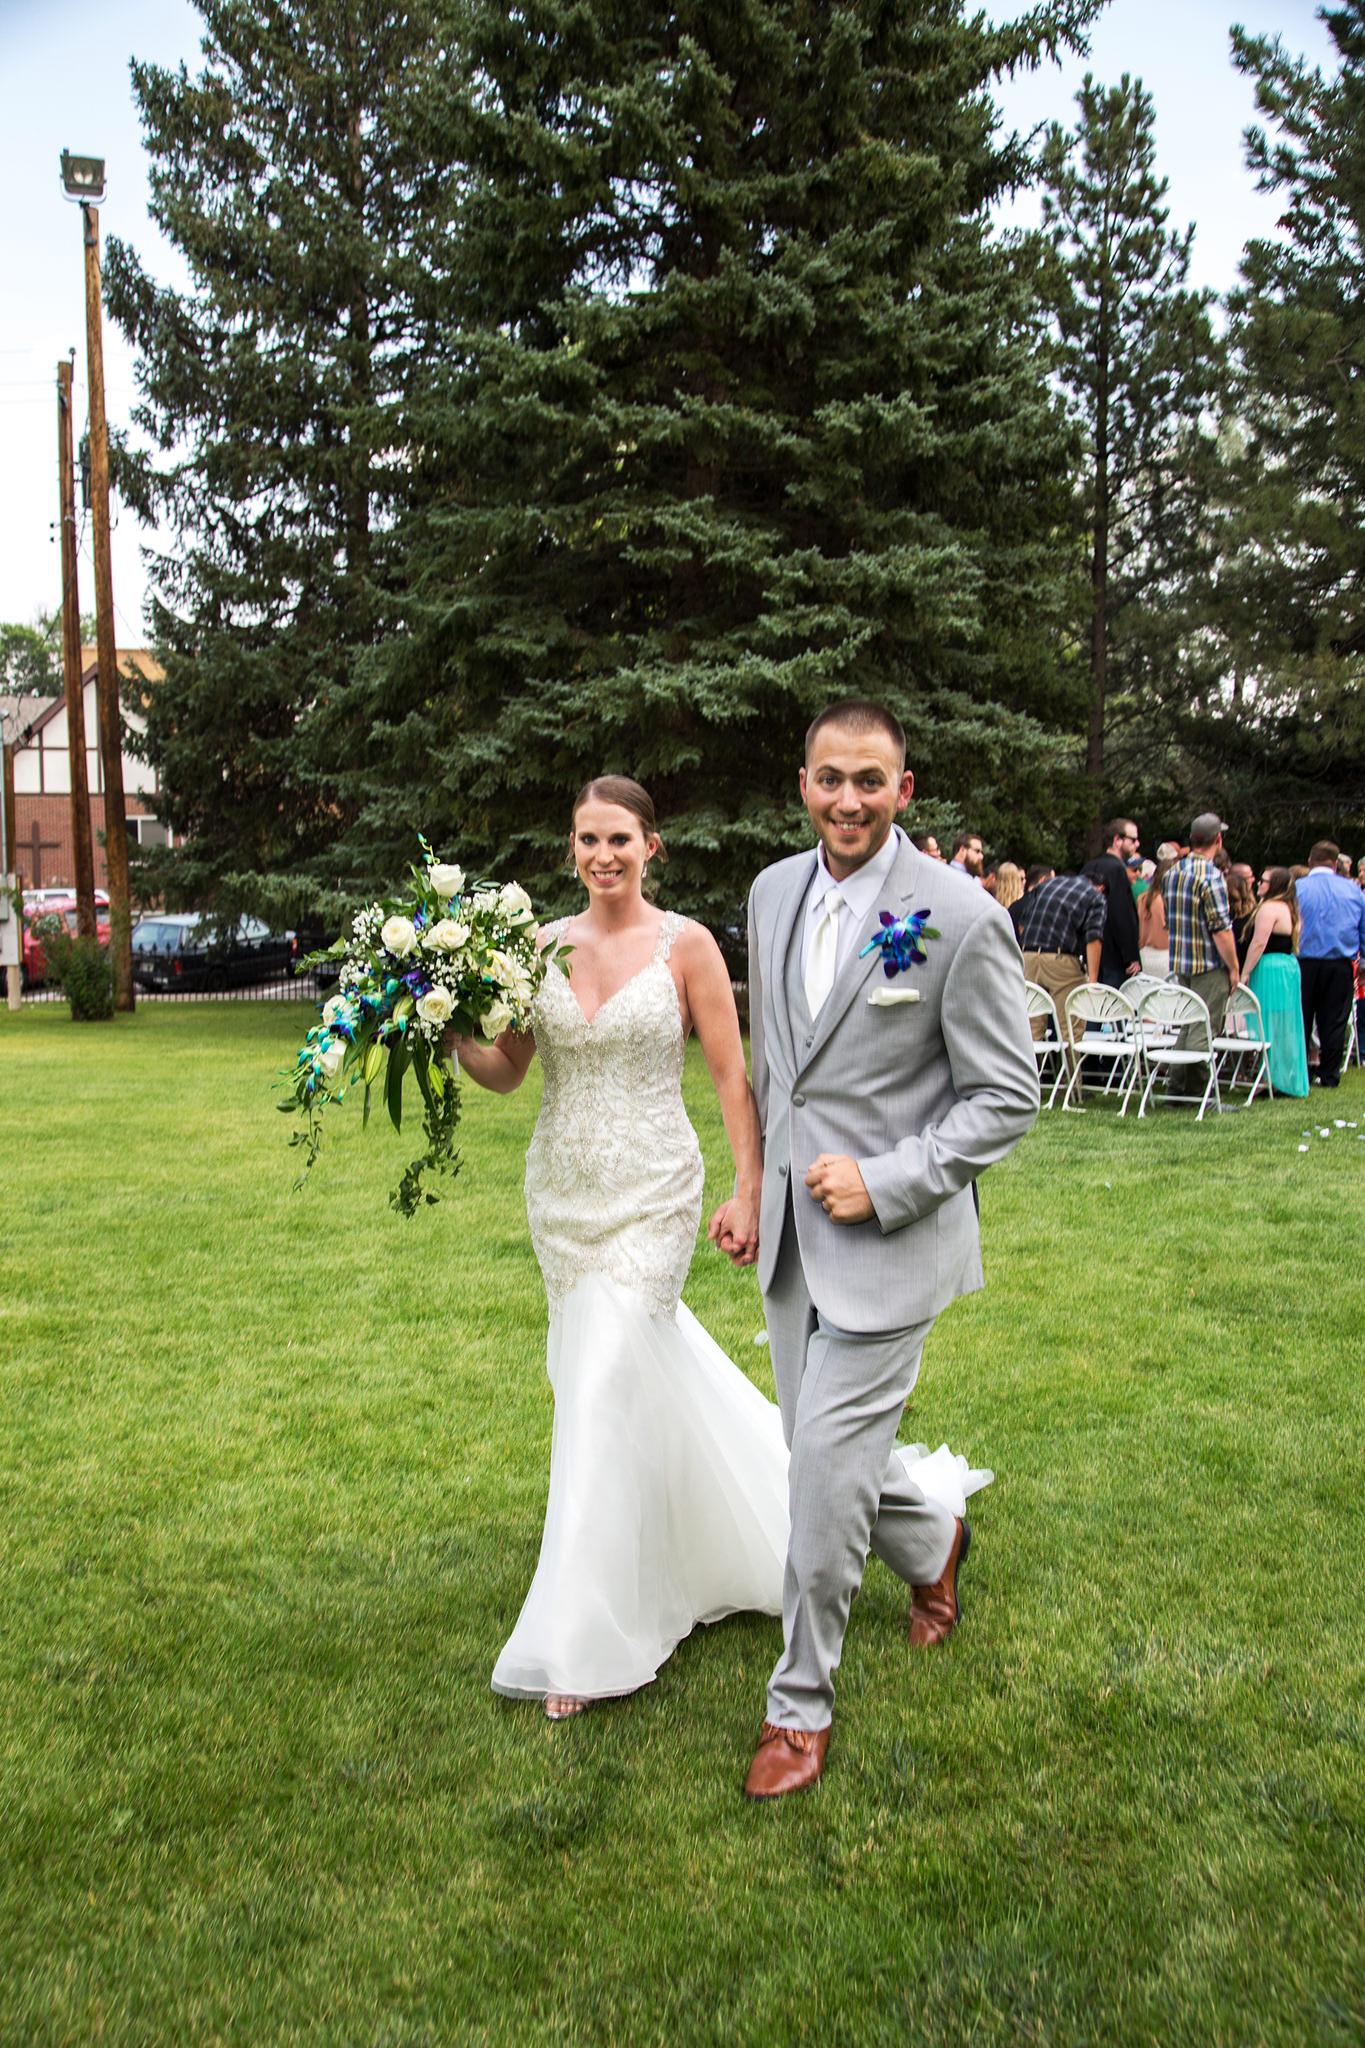 marchese_wedding_469 copy